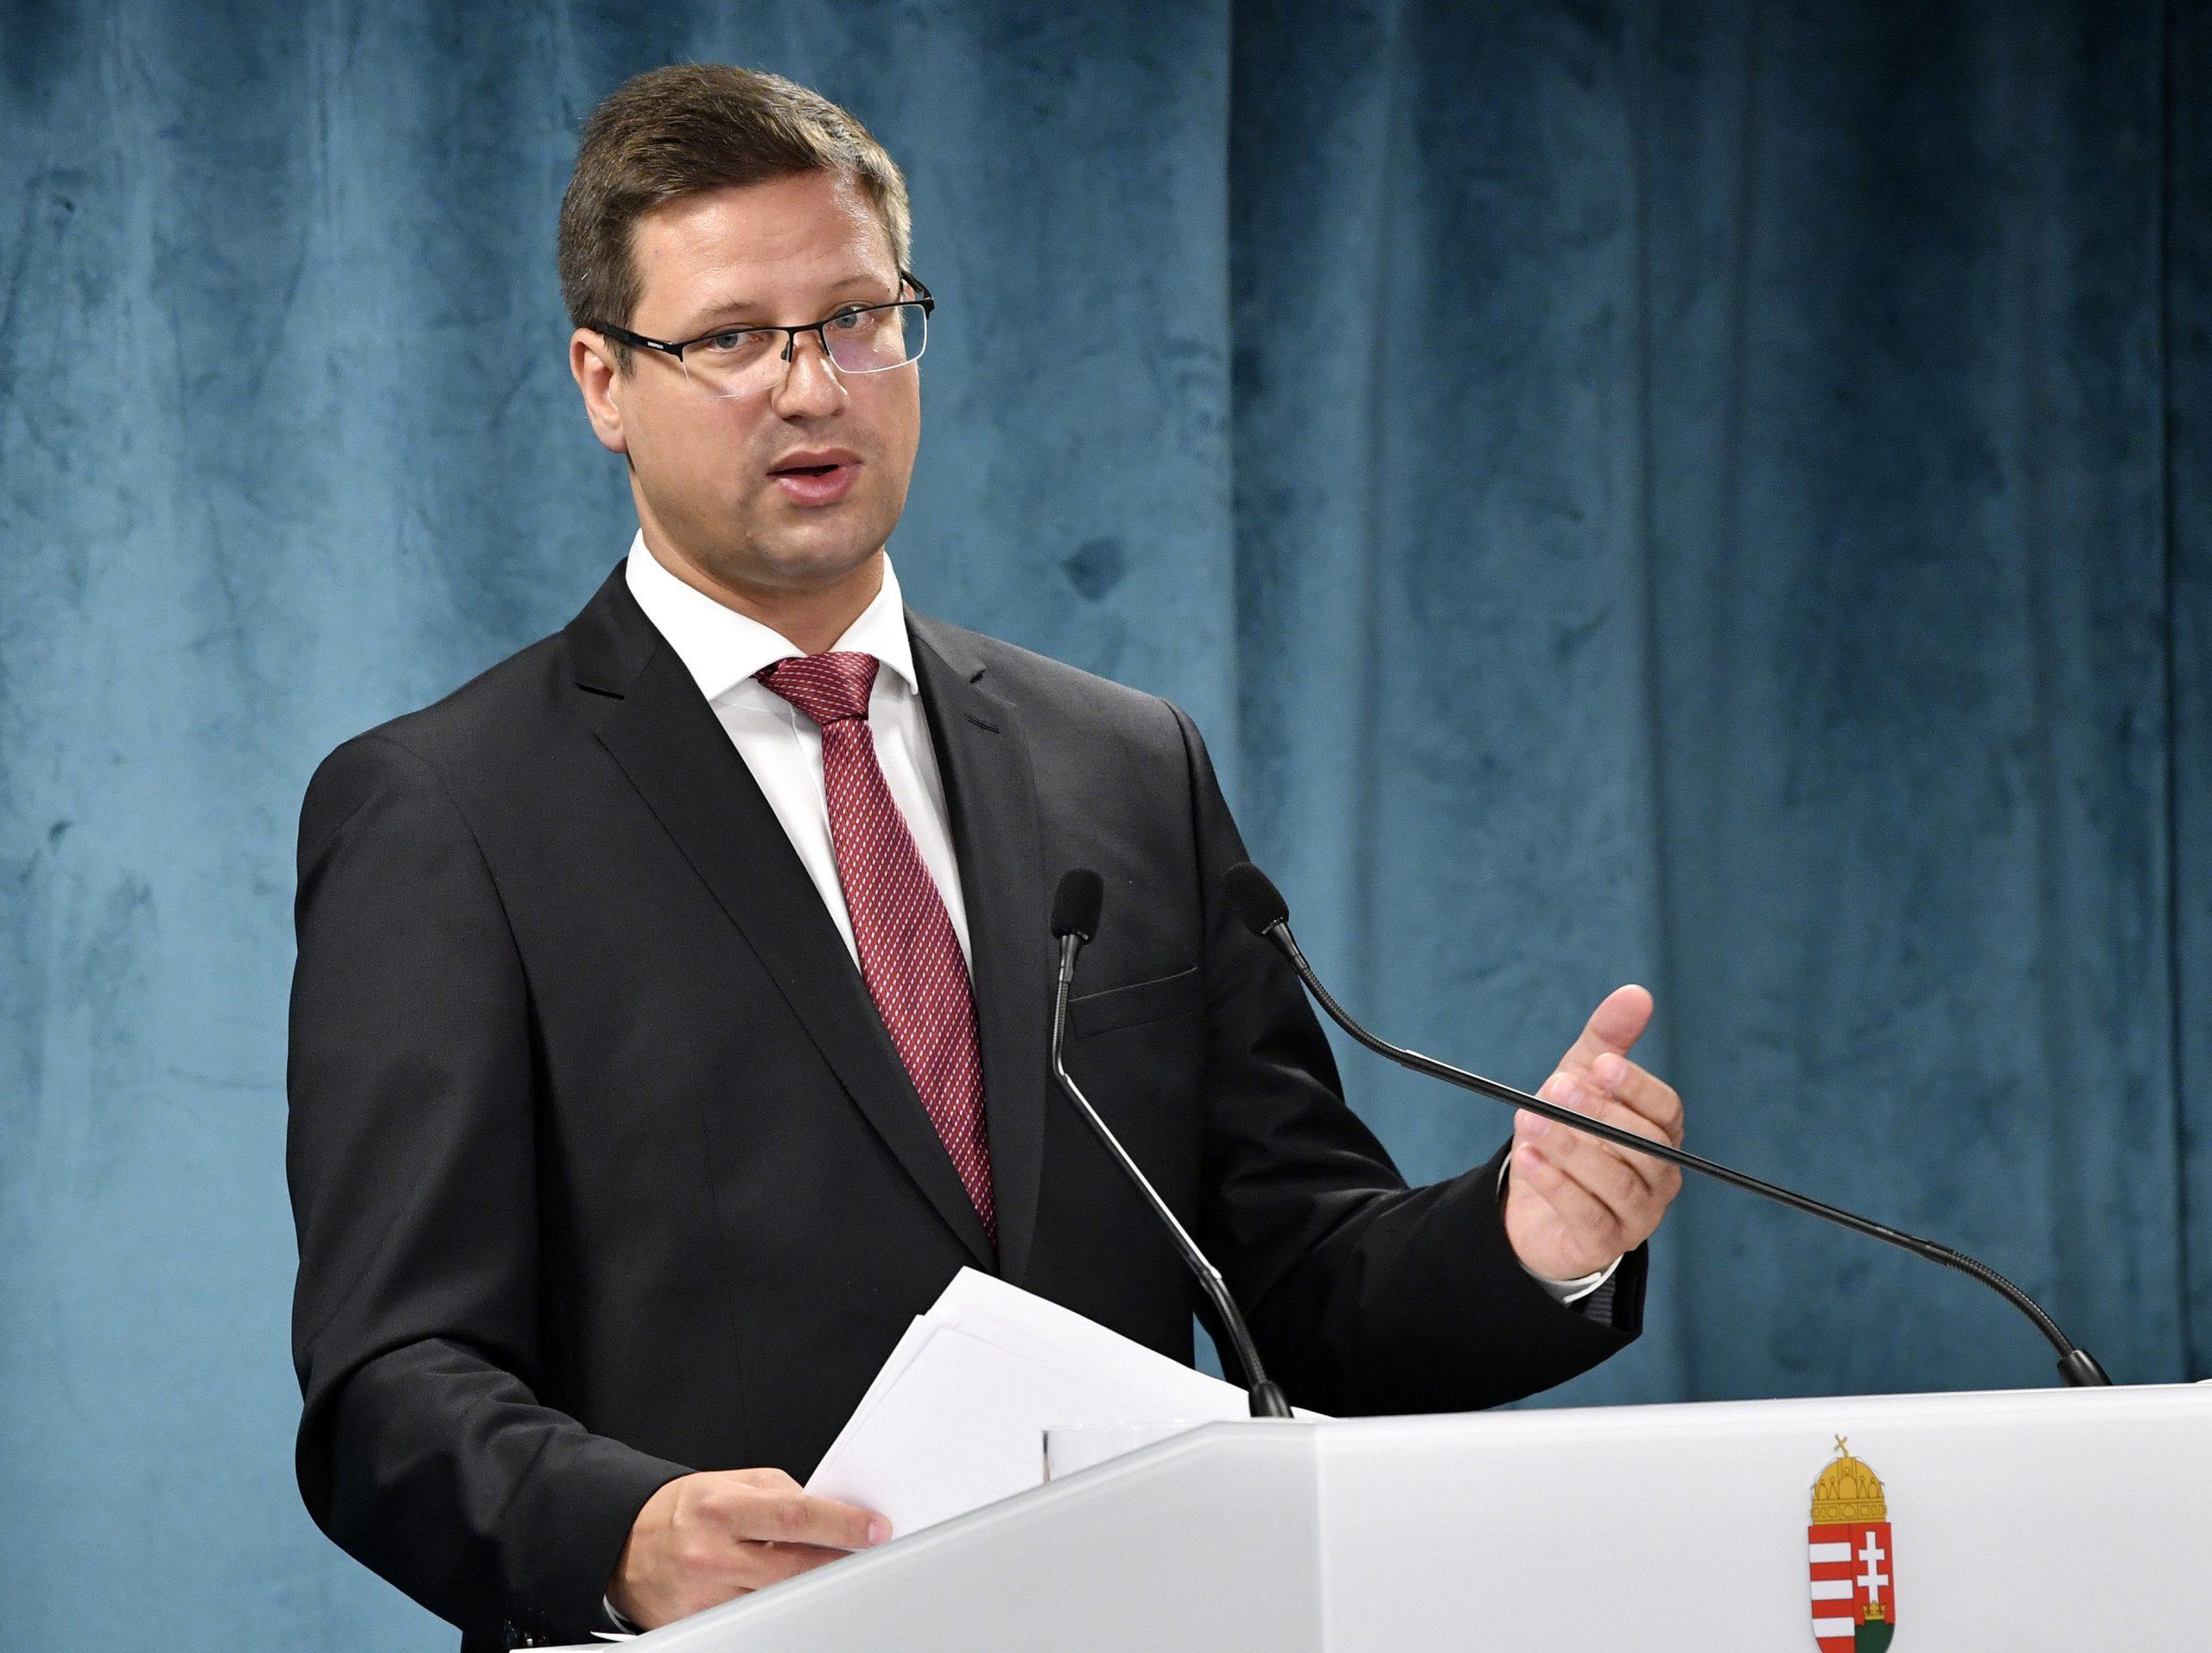 Kanzleramtsminister über die Pfizer-Massenimpfung: